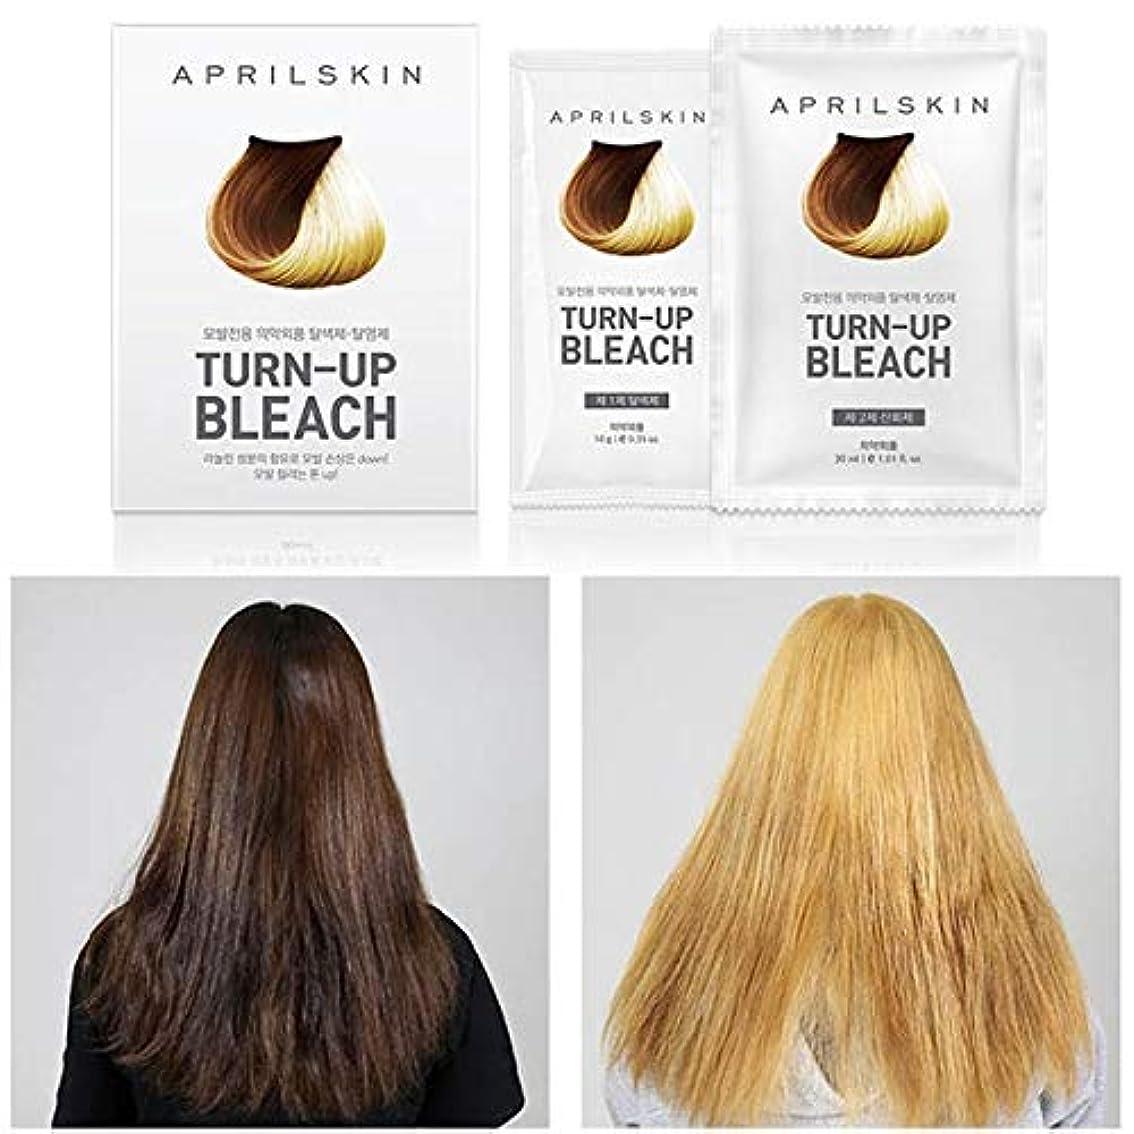 寝るたとえ悪意エープリル?スキン [韓国コスメ April Skin] 漂白ブリーチ(ヘアブリーチ)Turn Up Bleach (Hair Bleach)/Korea Cosmetics